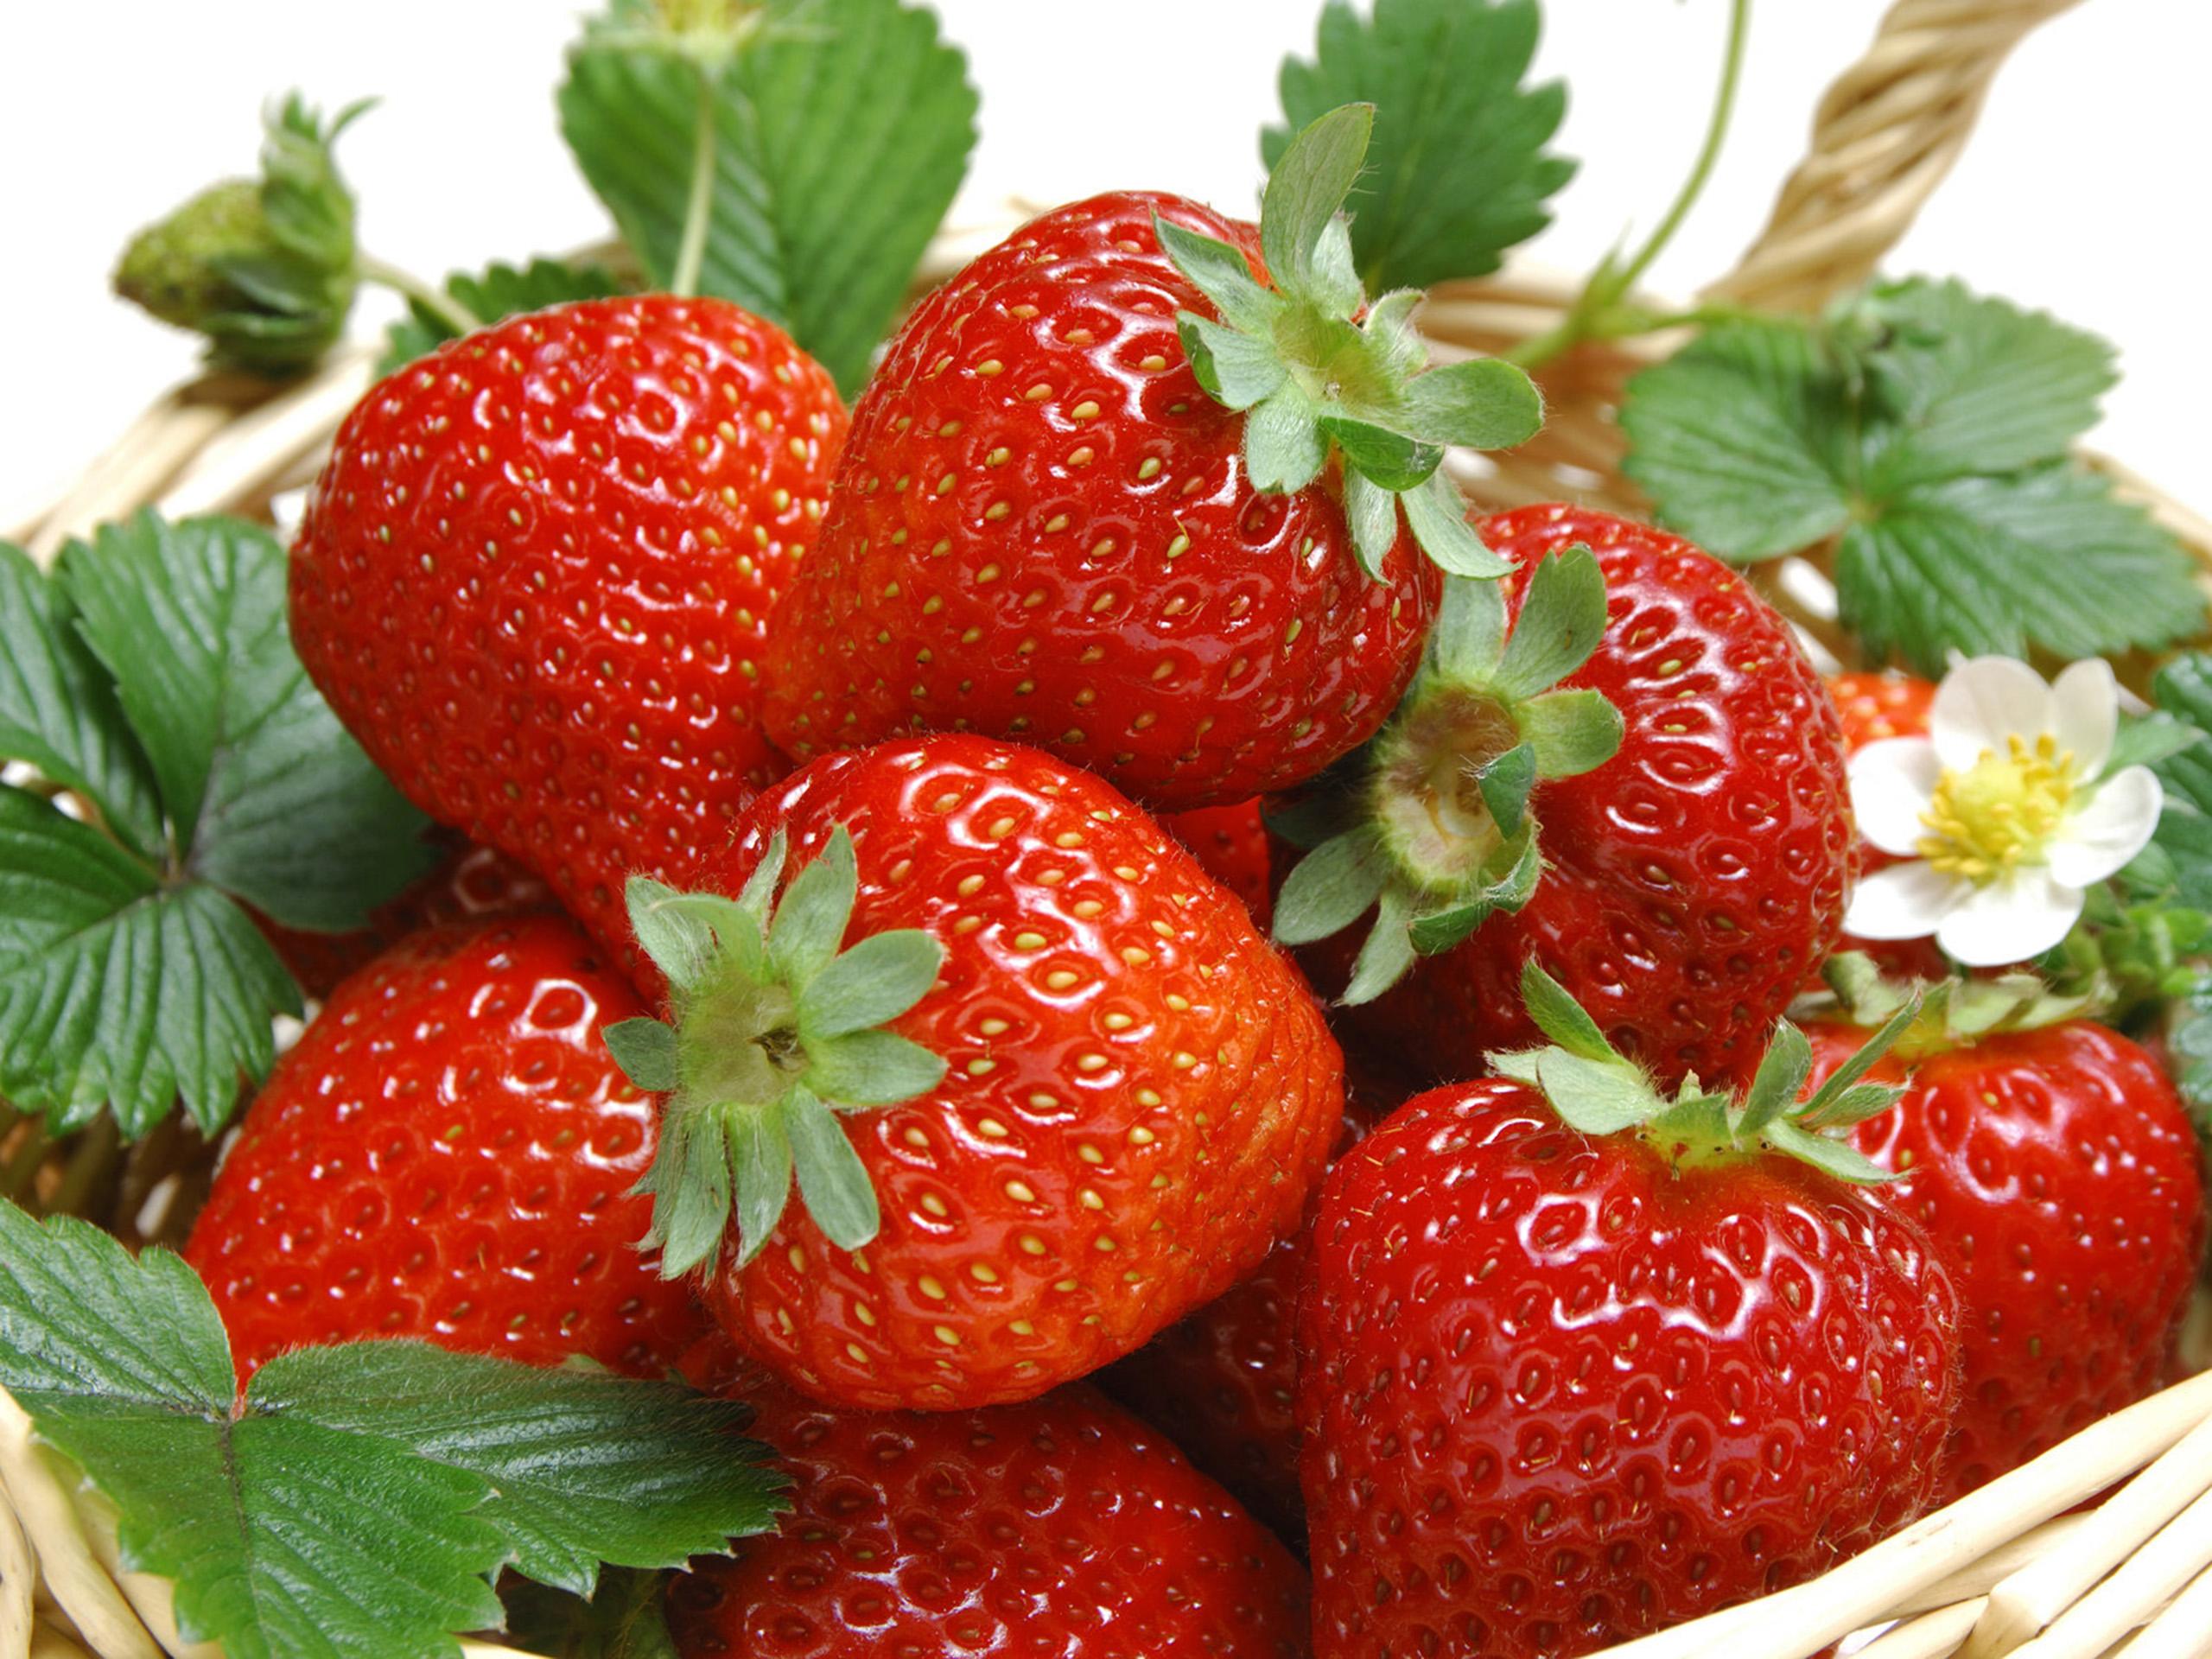 Фрукти и овощи в киске фото 15 фотография